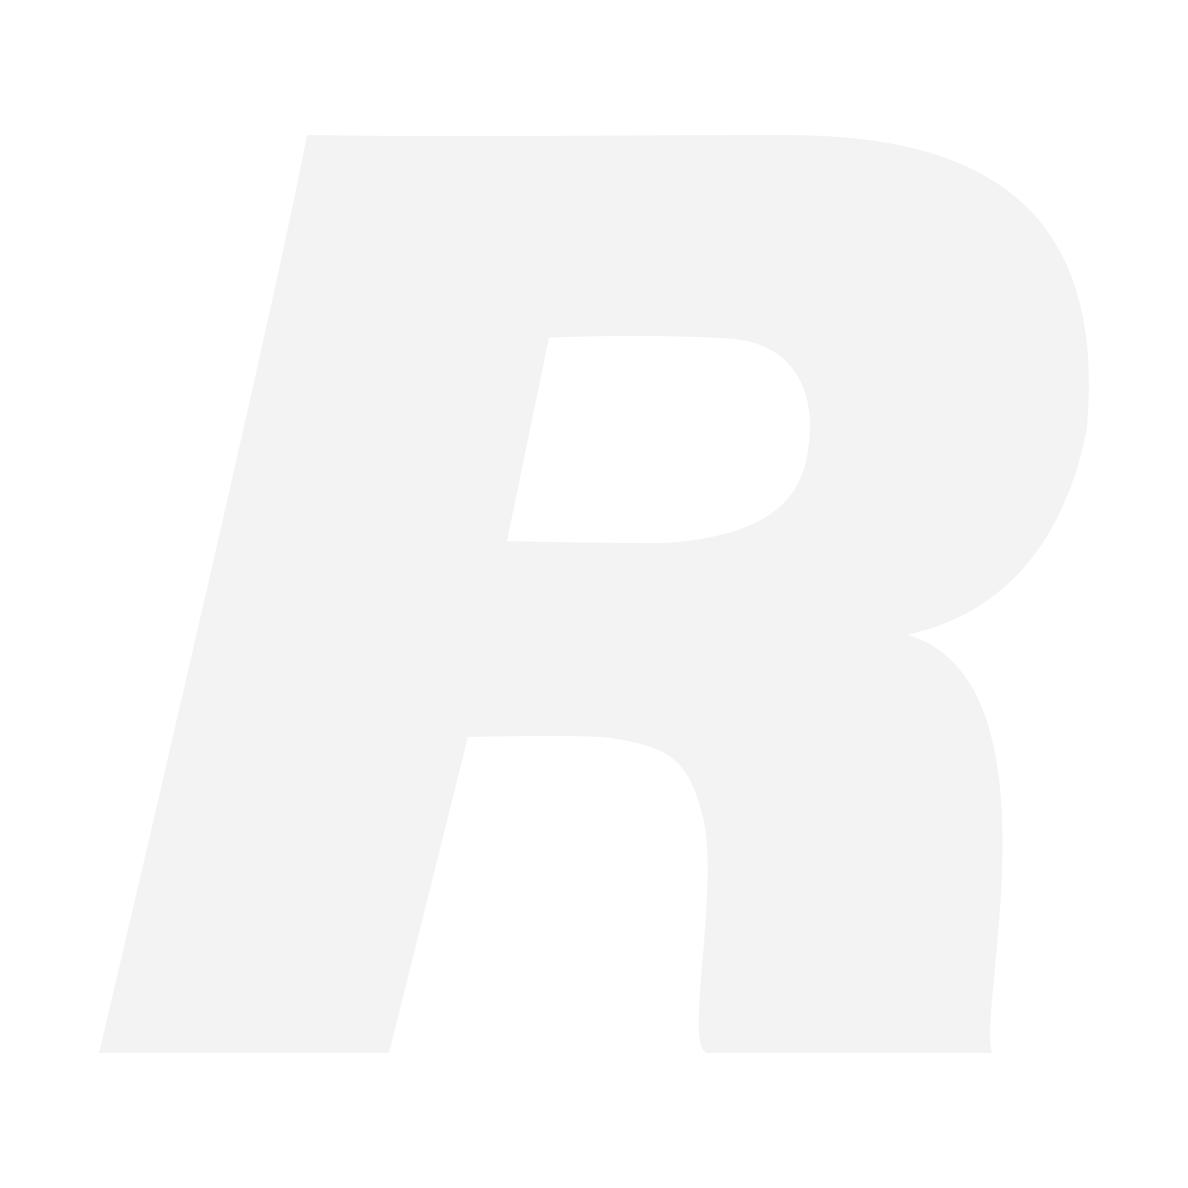 Röde SC3  3.5mm TRRS ---> TRS